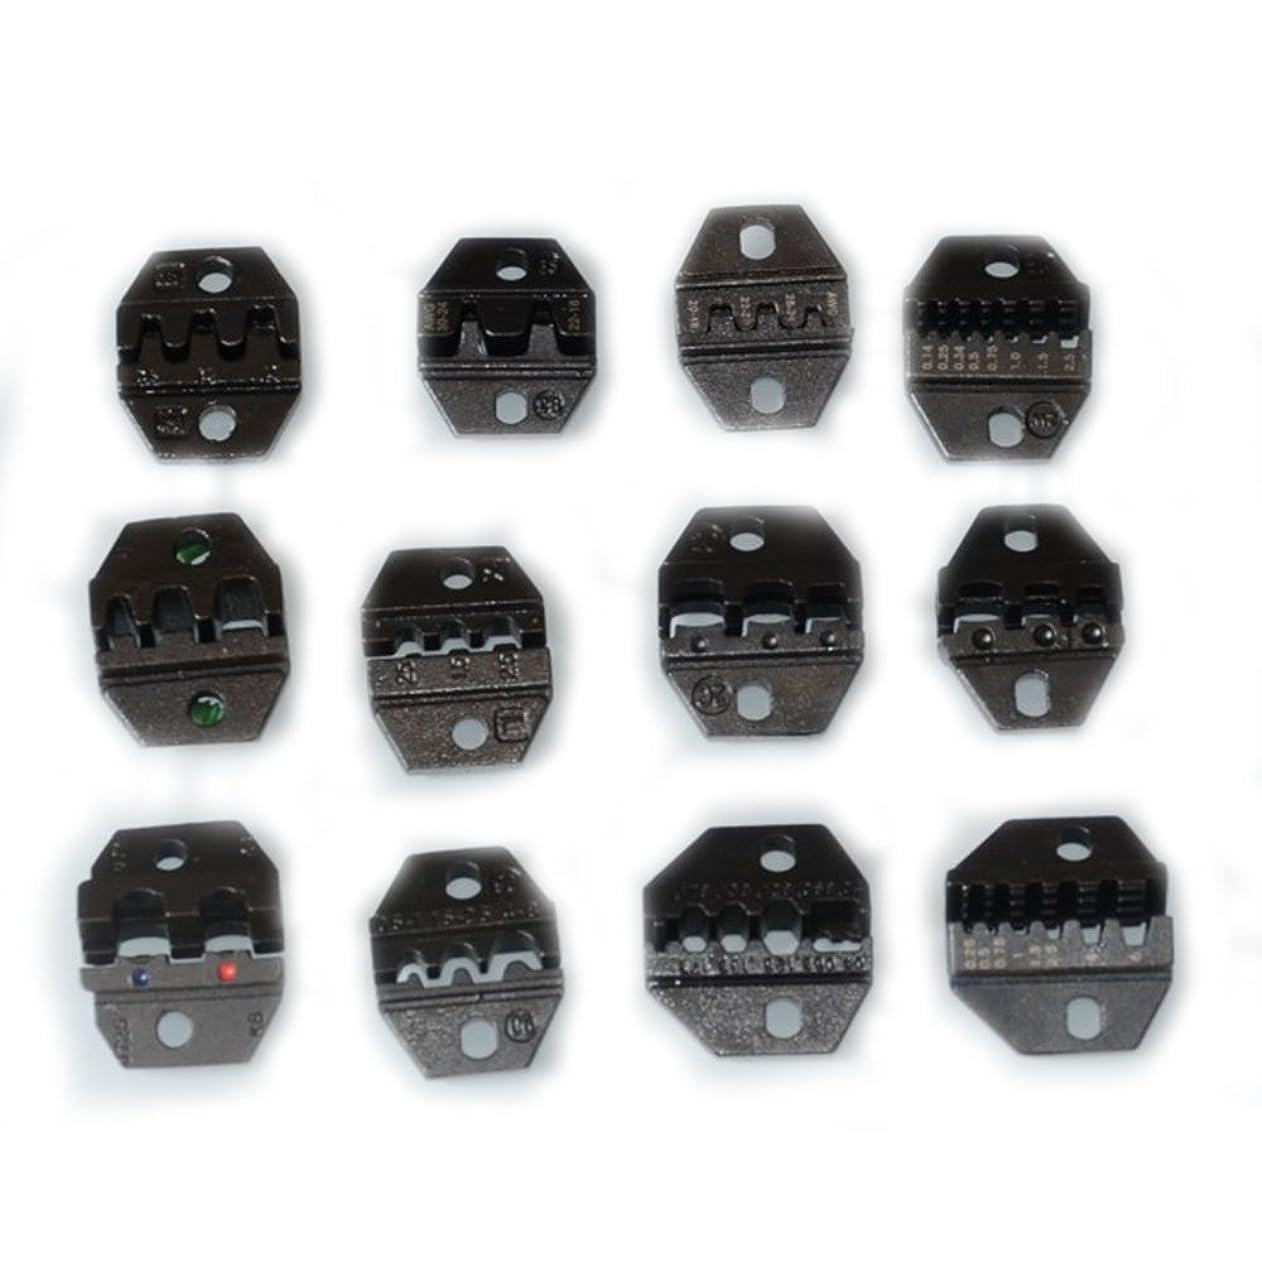 明快レオナルドダ画像12個入 圧着ベンチ 絶縁閉端子 ネジ回し付き ギボシ端子 取り換えトップセット キット 精密圧着ペンチ 端子圧着工具